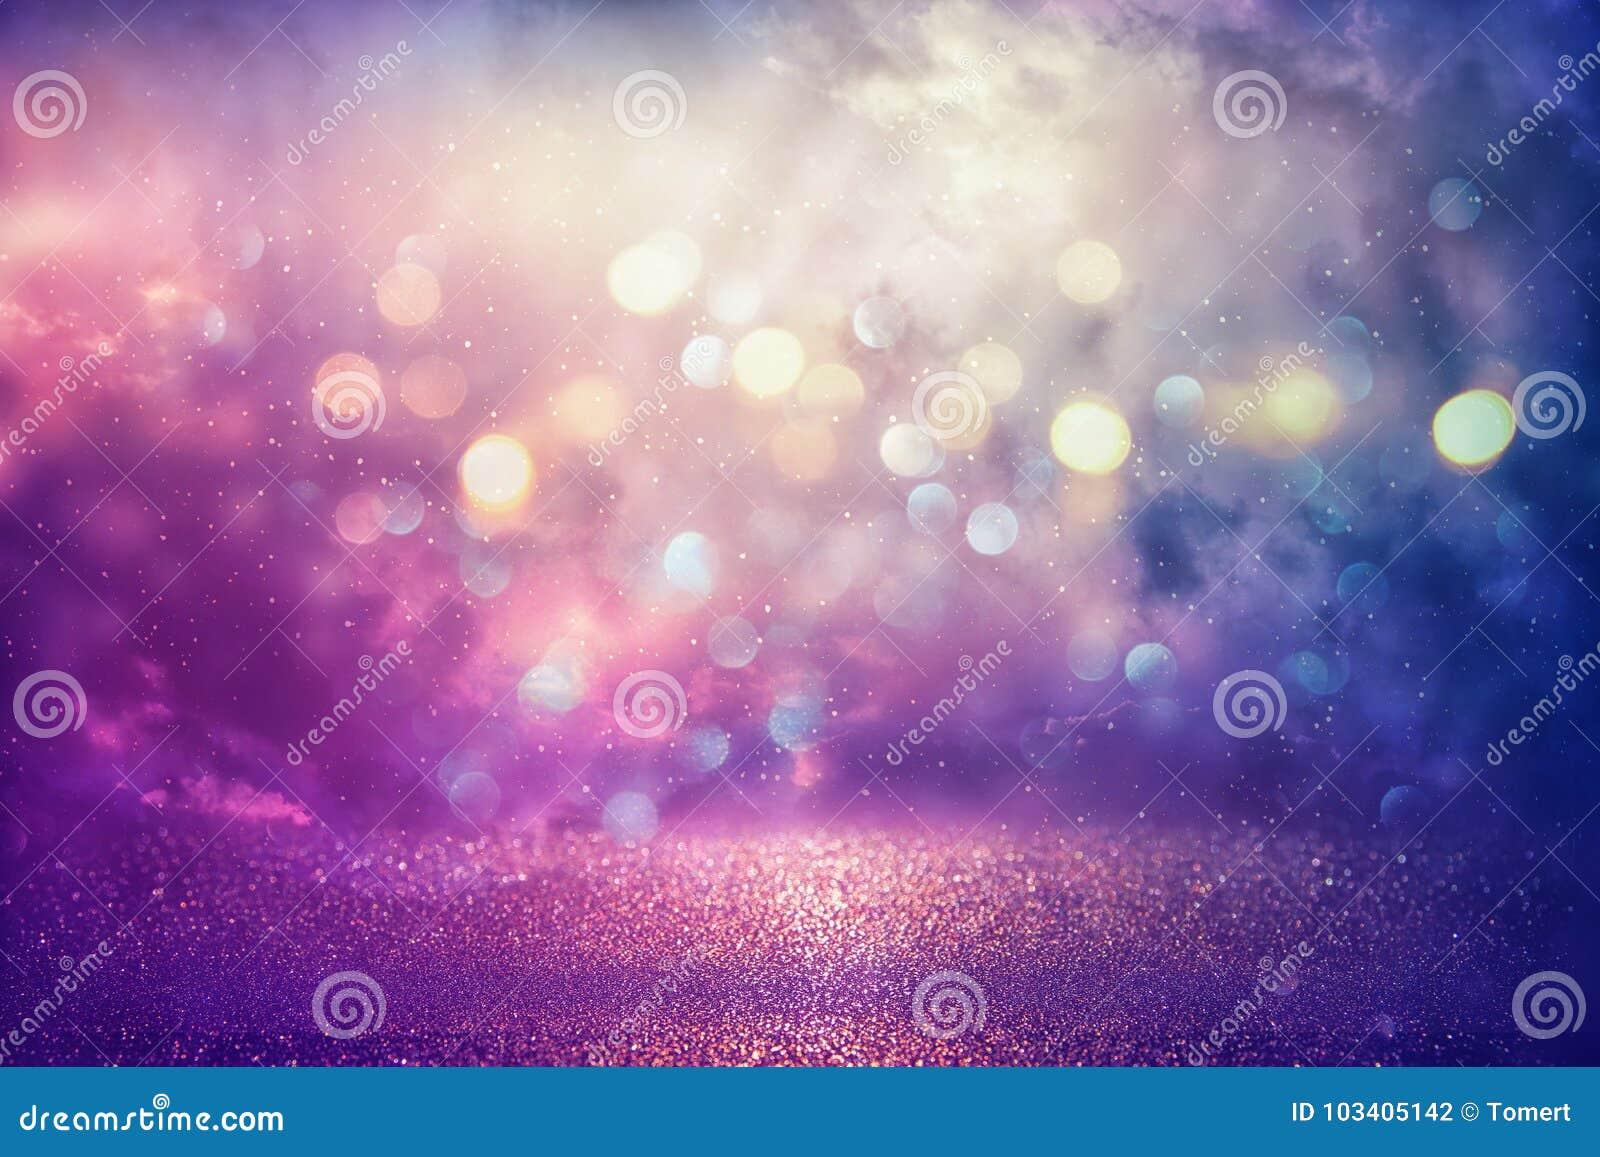 紫色闪烁点燃背景 defocused